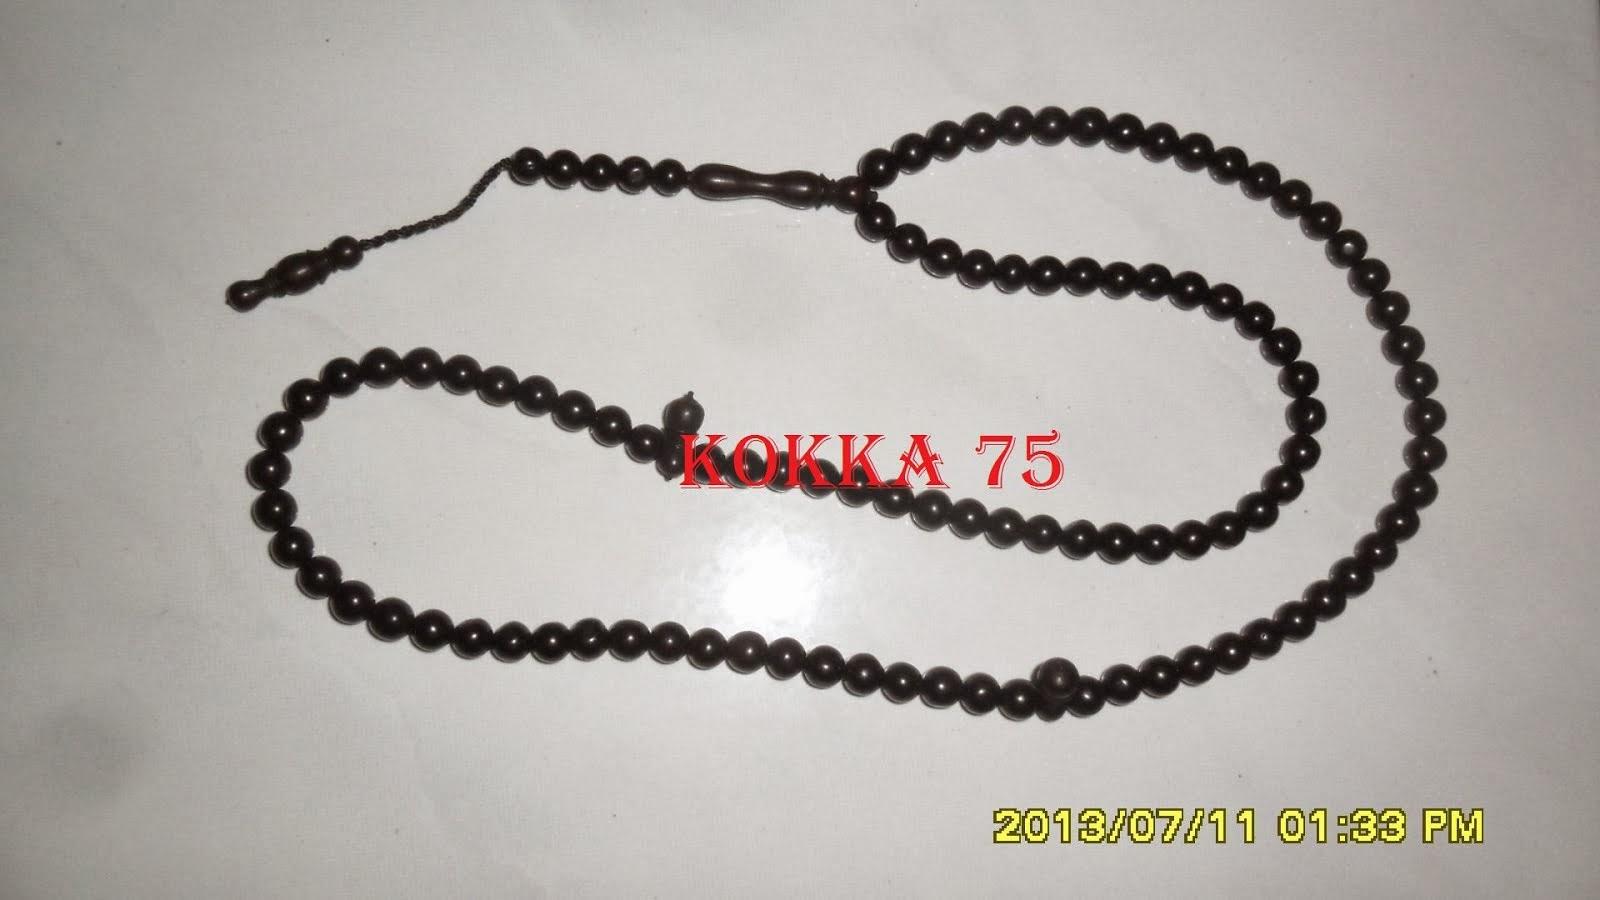 KOKKA 75